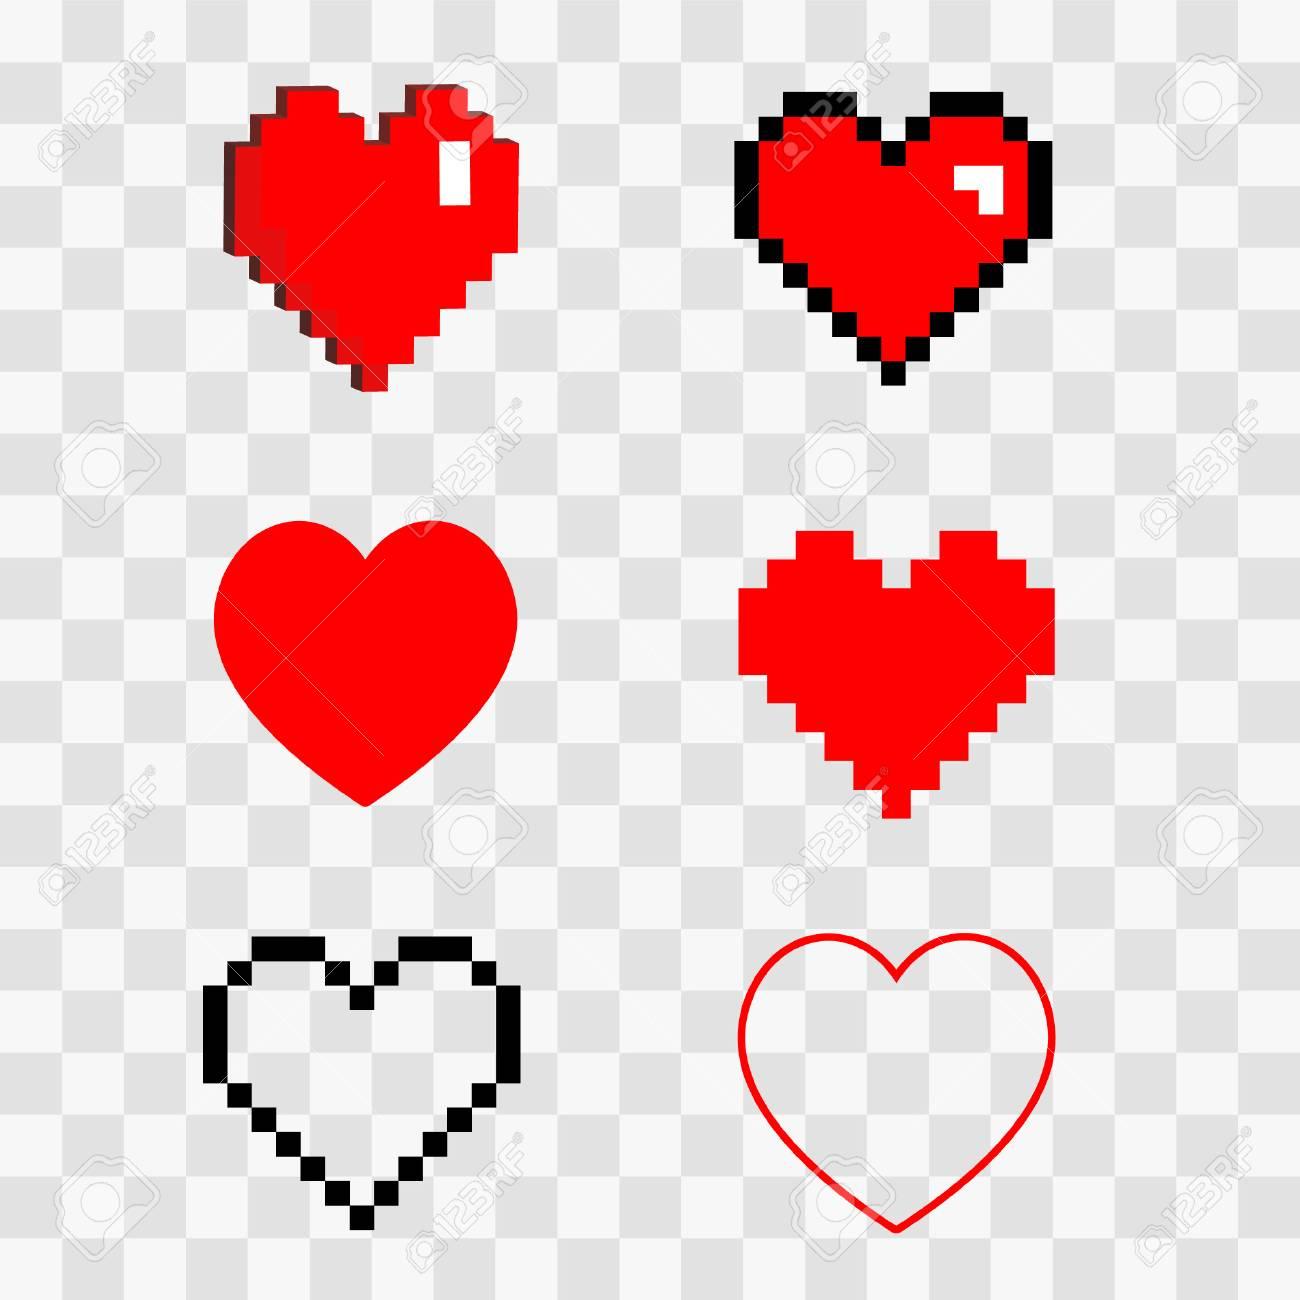 Conjunto De Ilustración 3d 8 Bit Pixel Art Isométrica Dibujos Animados Amor Símbolos Icono De Corazón Rojo Aislado En Transparente Fondo